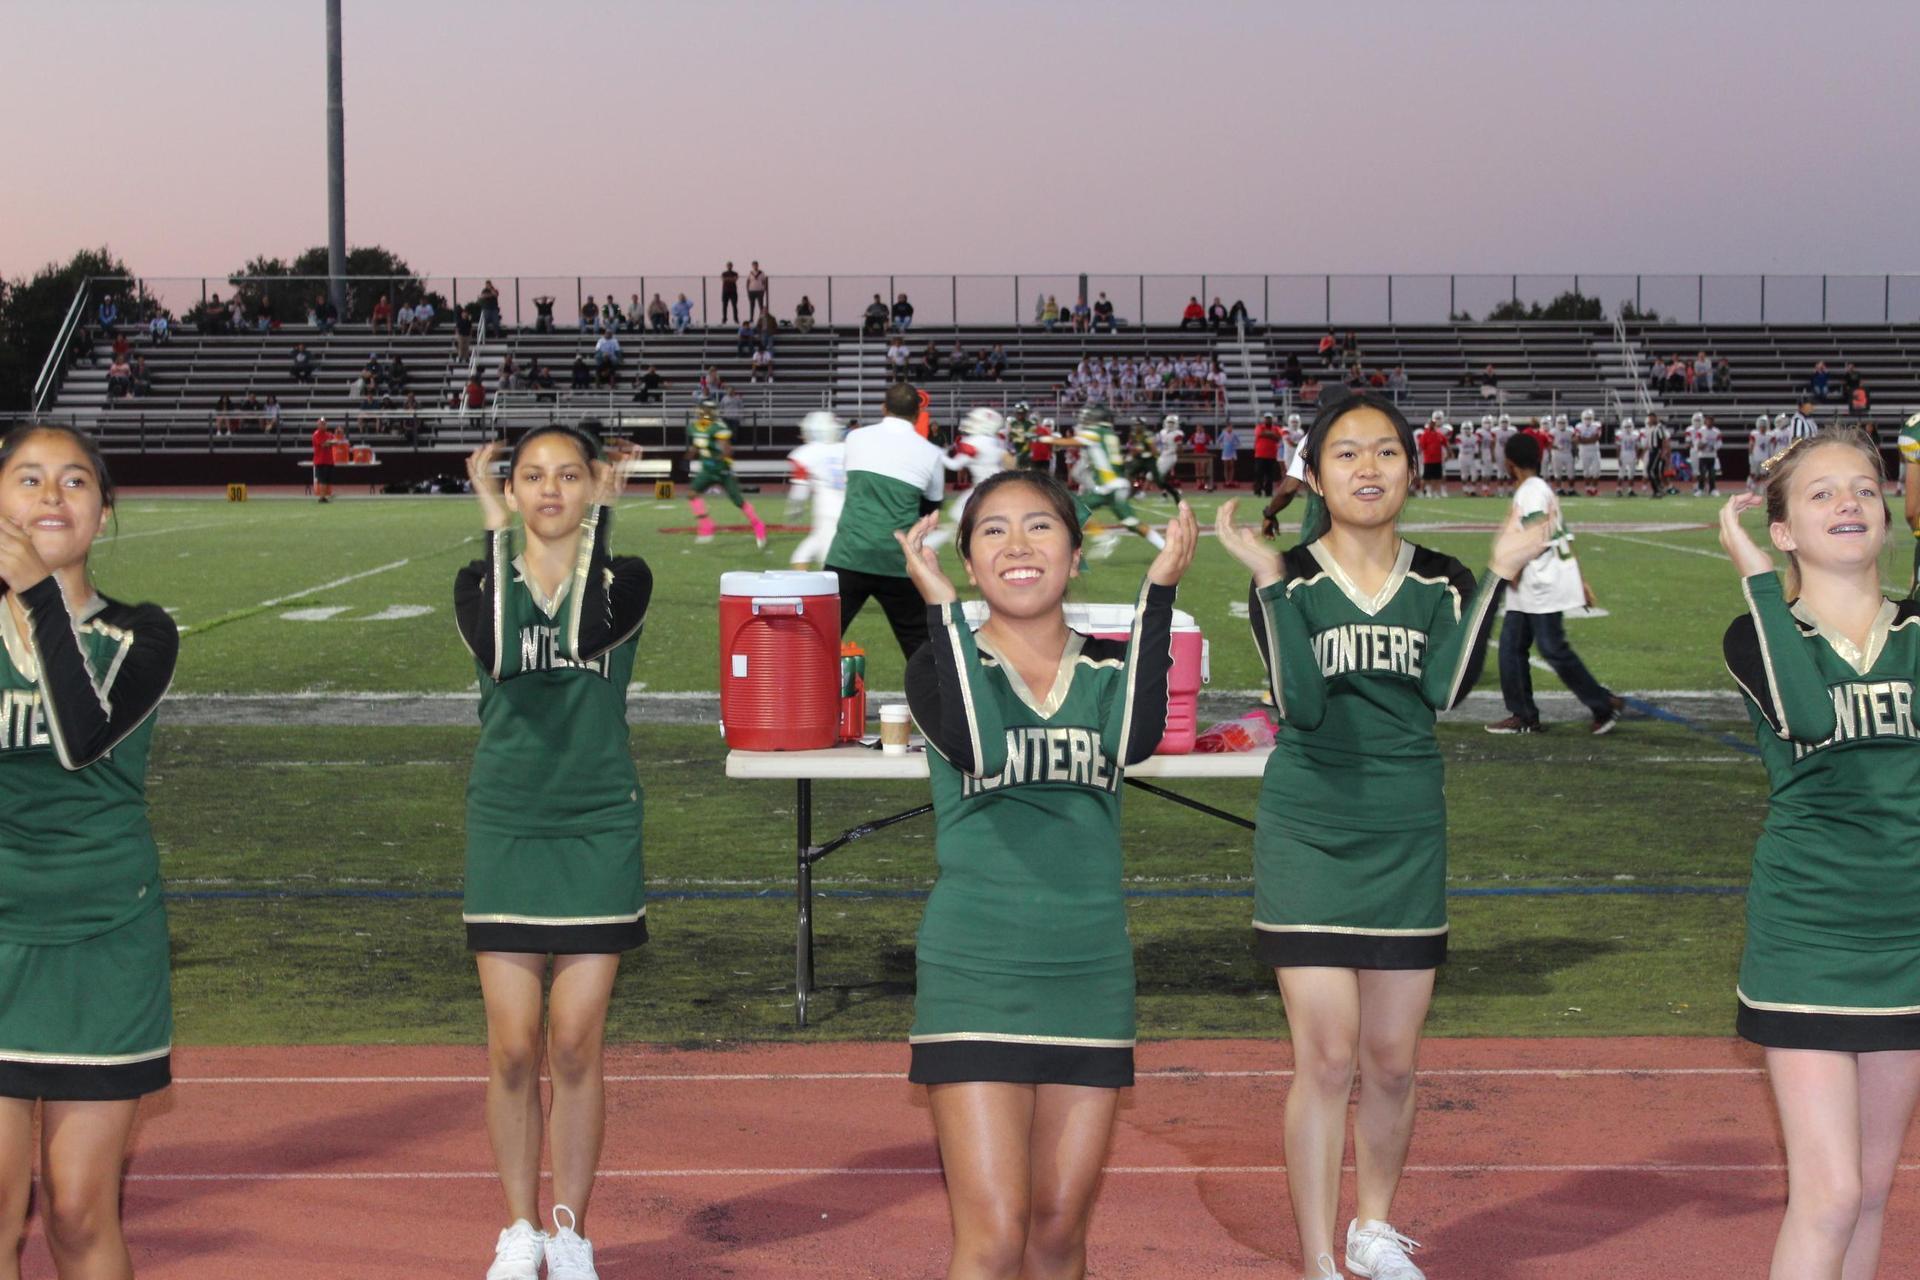 cheer 3 photo